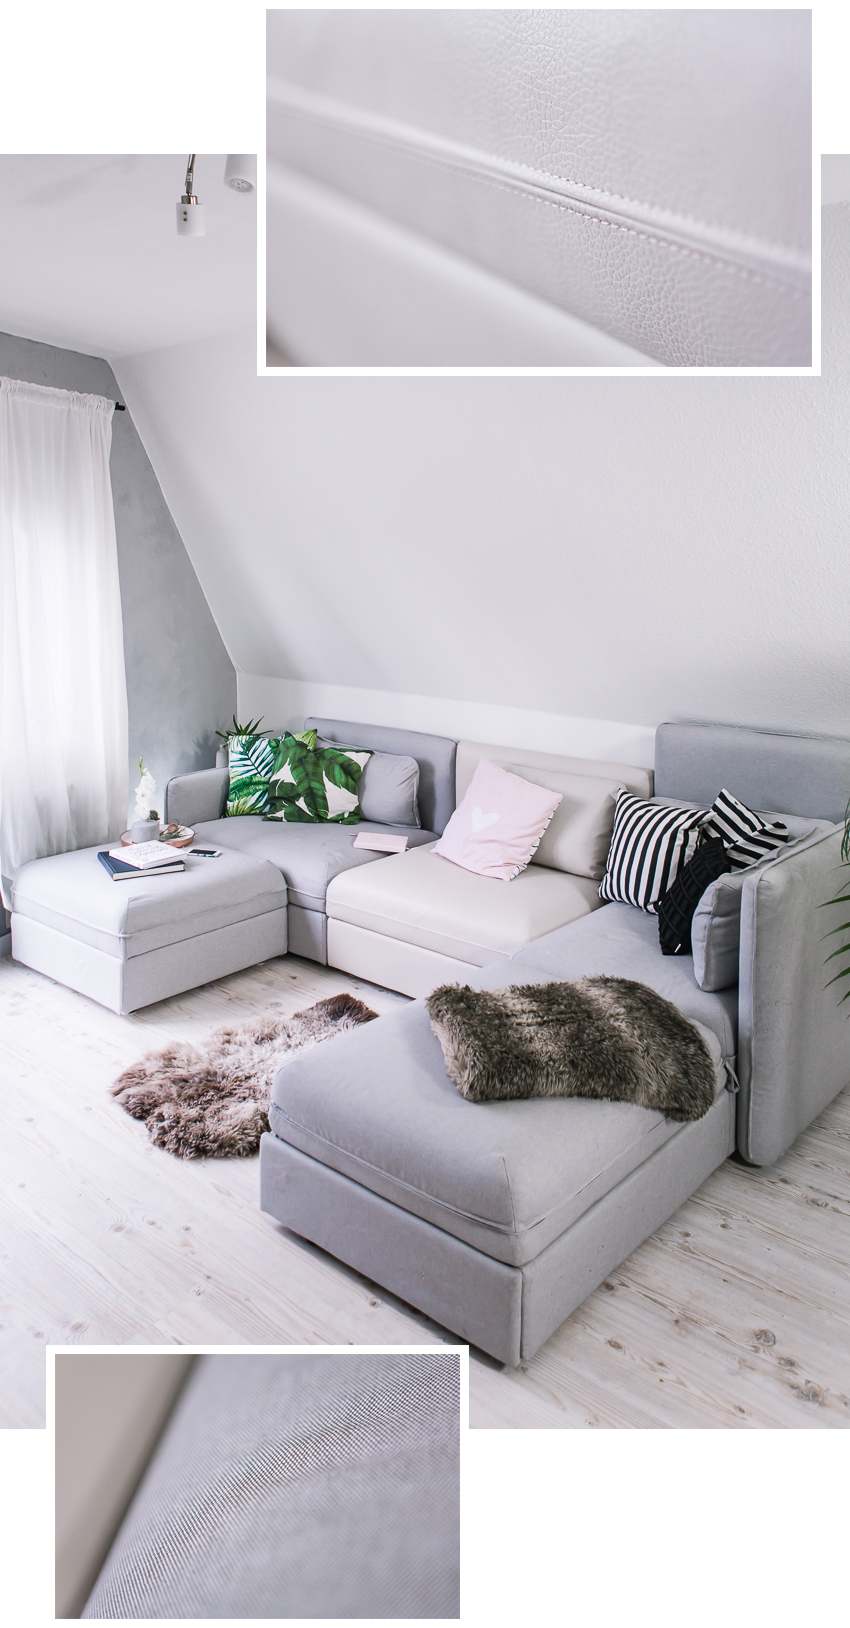 Ausgezeichnet Couch Rahmen Reparatur Fotos - Rahmen Ideen ...